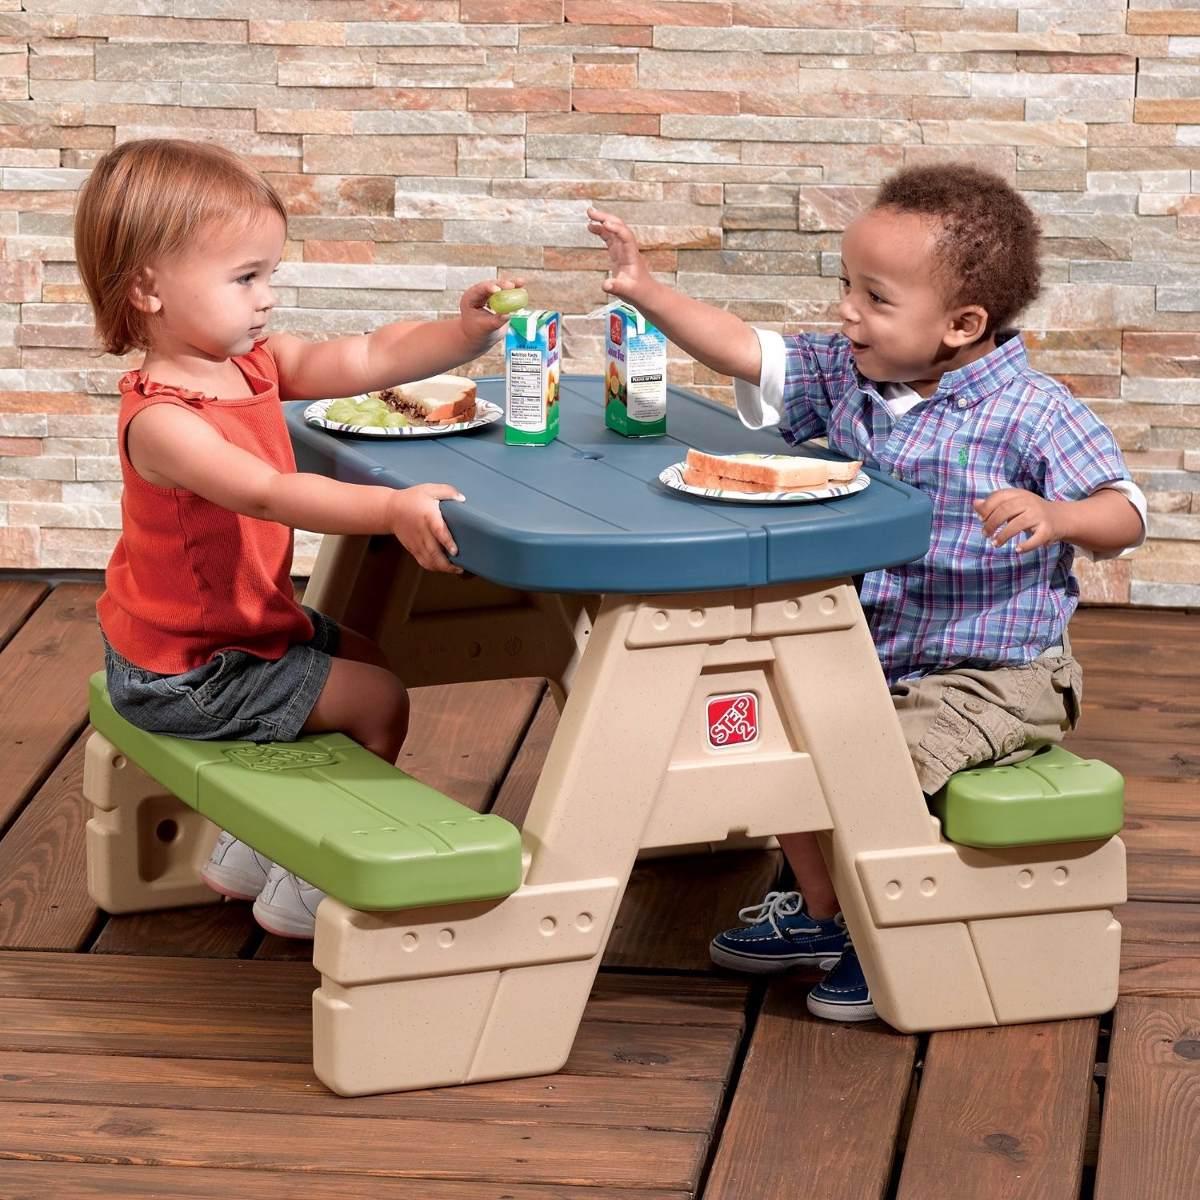 Mesa de picnic para ni os peque os step 2 2 en - Mesas para ninos pequenos ...